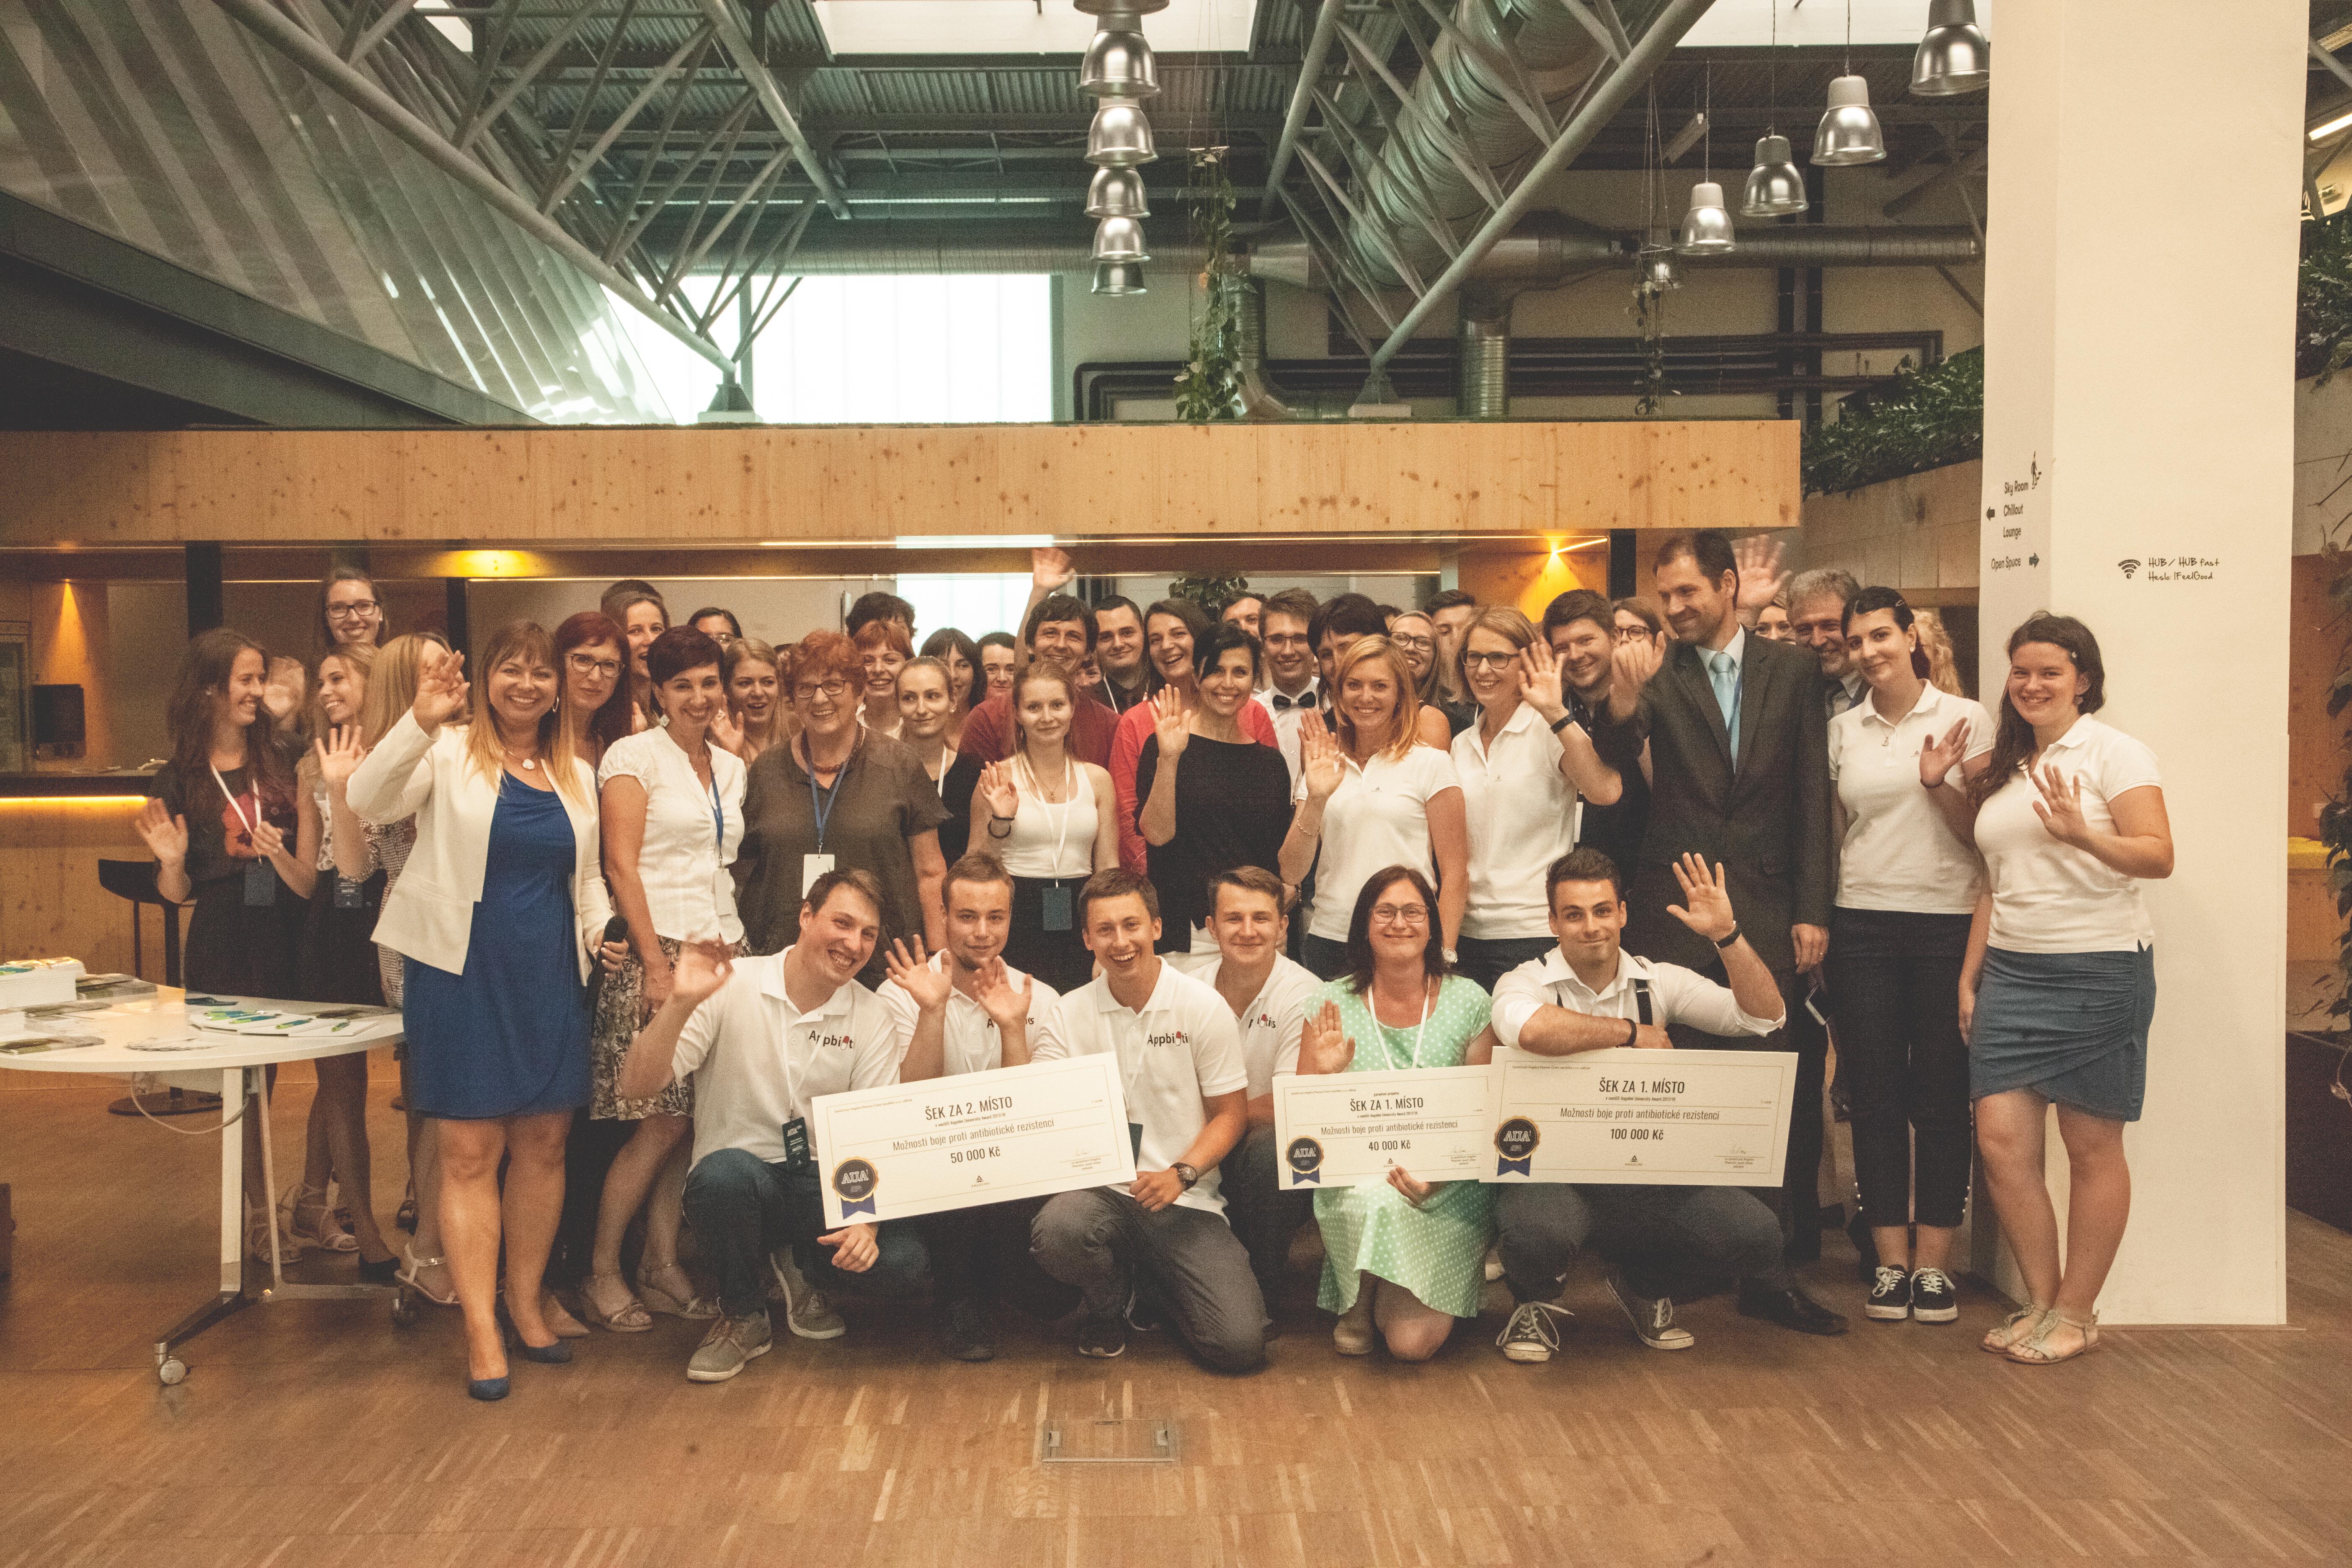 Gratulujeme vítězům prvního ročníku #AUA!